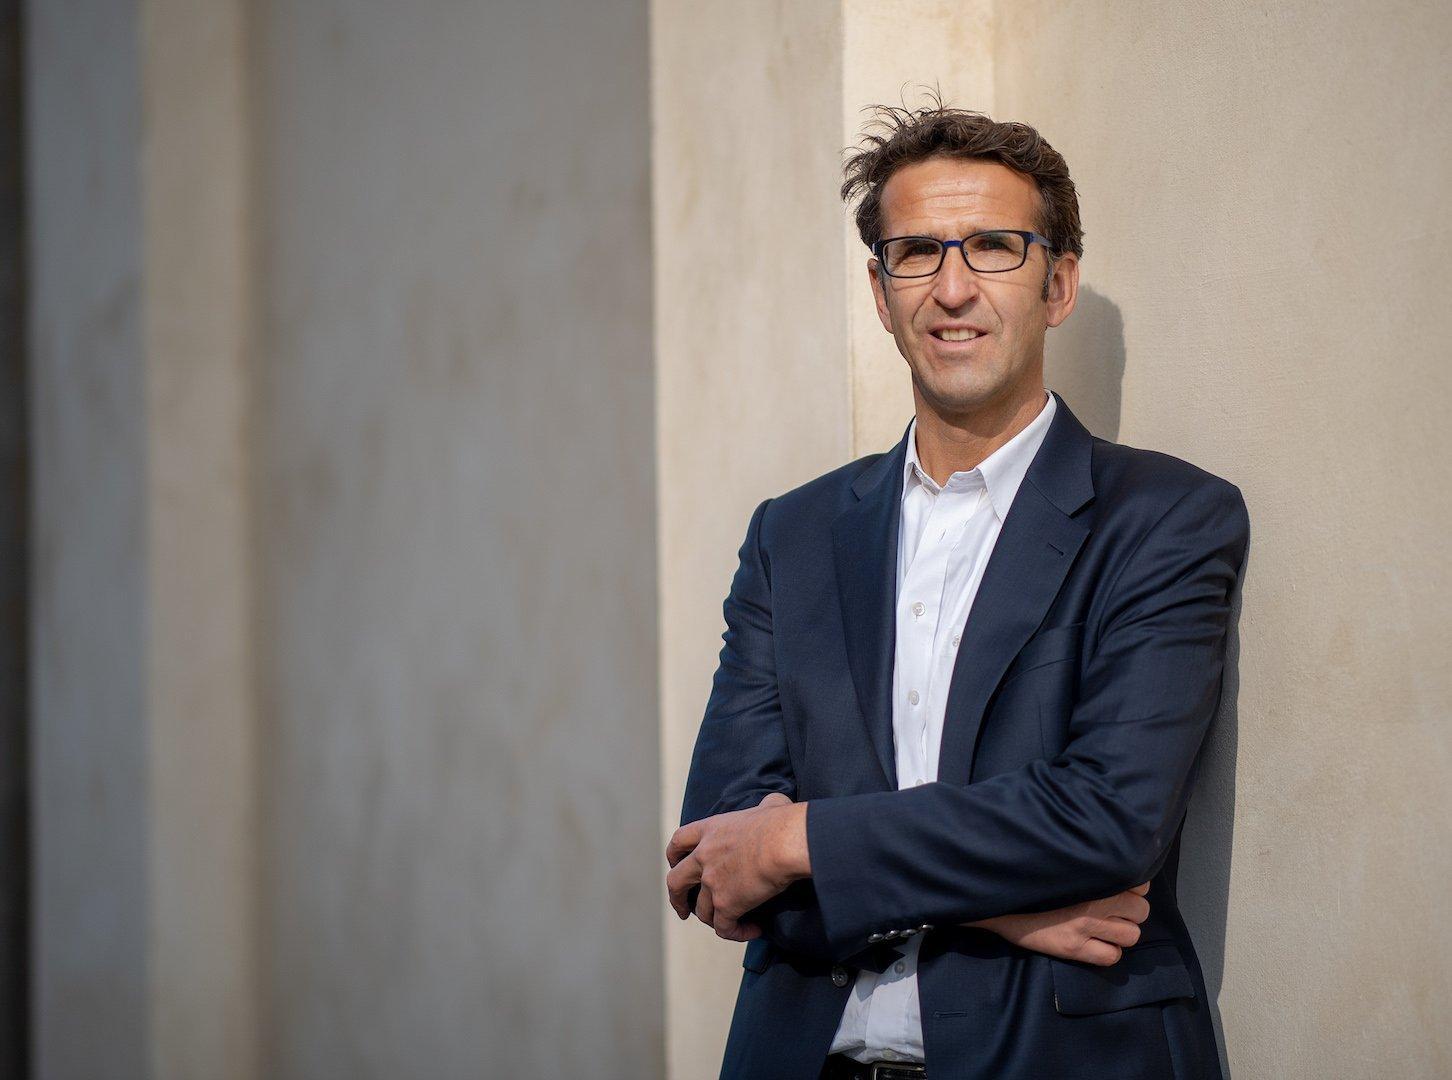 Ein Mann mit kurzen braunen Haaren steht in blauem Anzug und weißem Hemd mit verschränkten Armen vor einer Wand. Er trägt eine Brille.